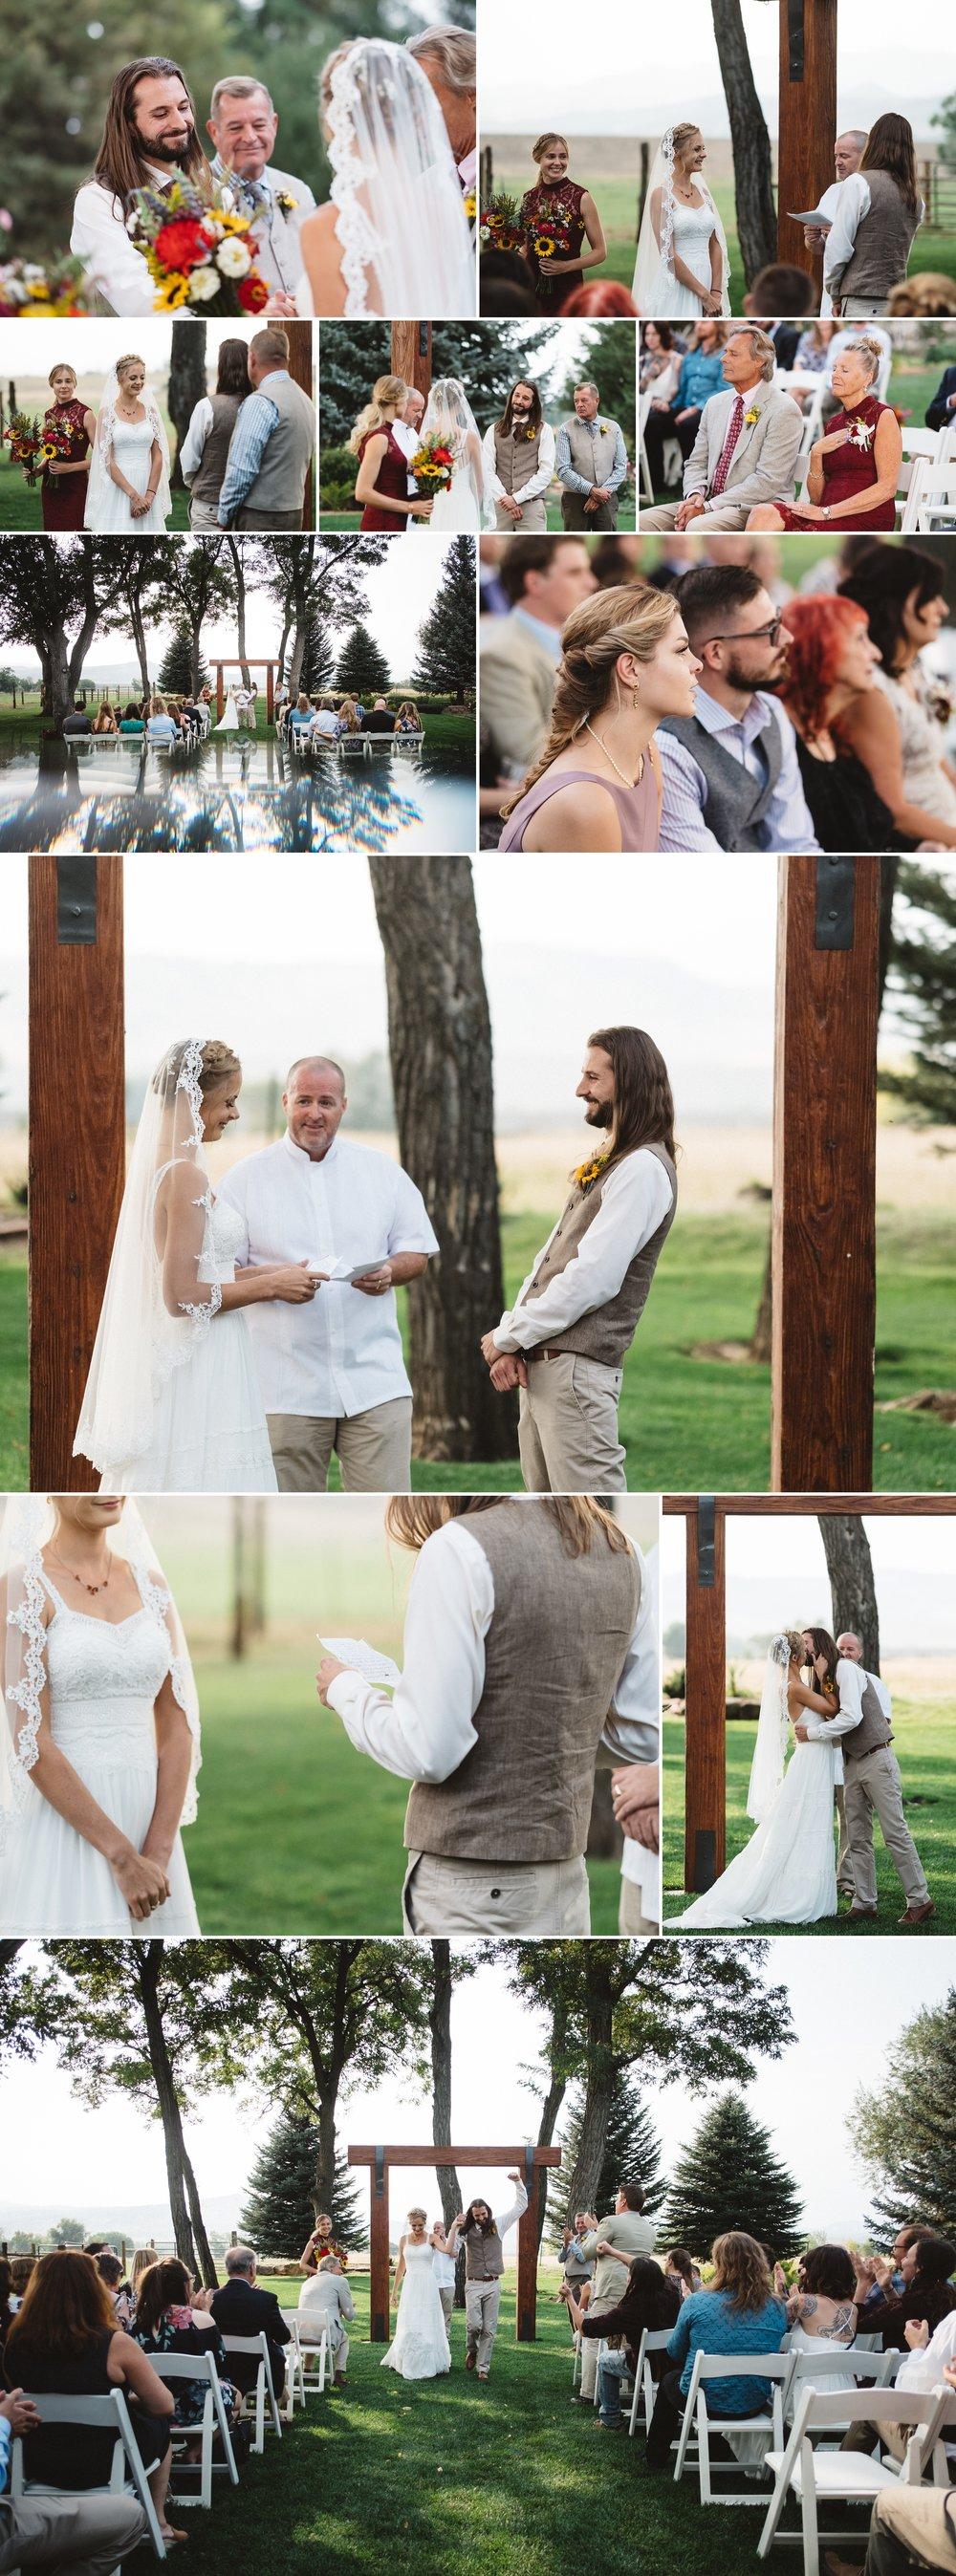 Wedding Ceremony at Schupe Homestead in Colorado